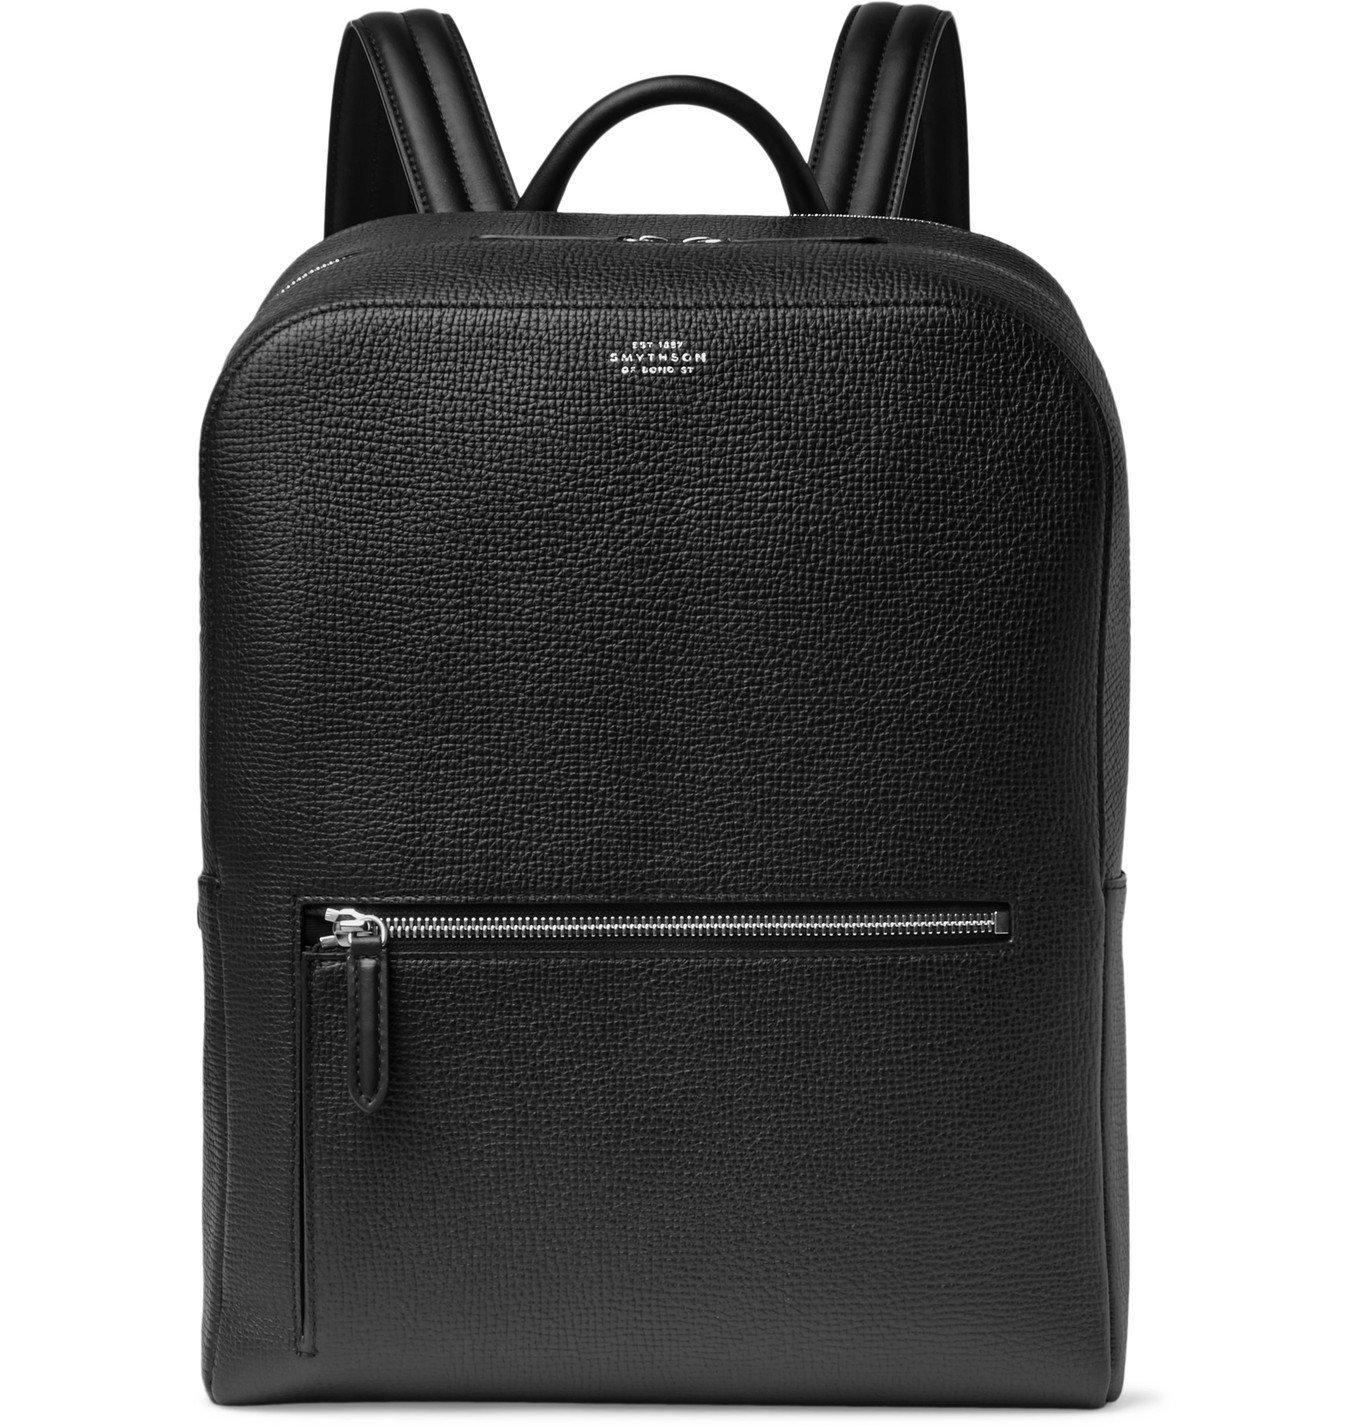 Smythson - Ludlow Full-Grain Leather Backpack - Black